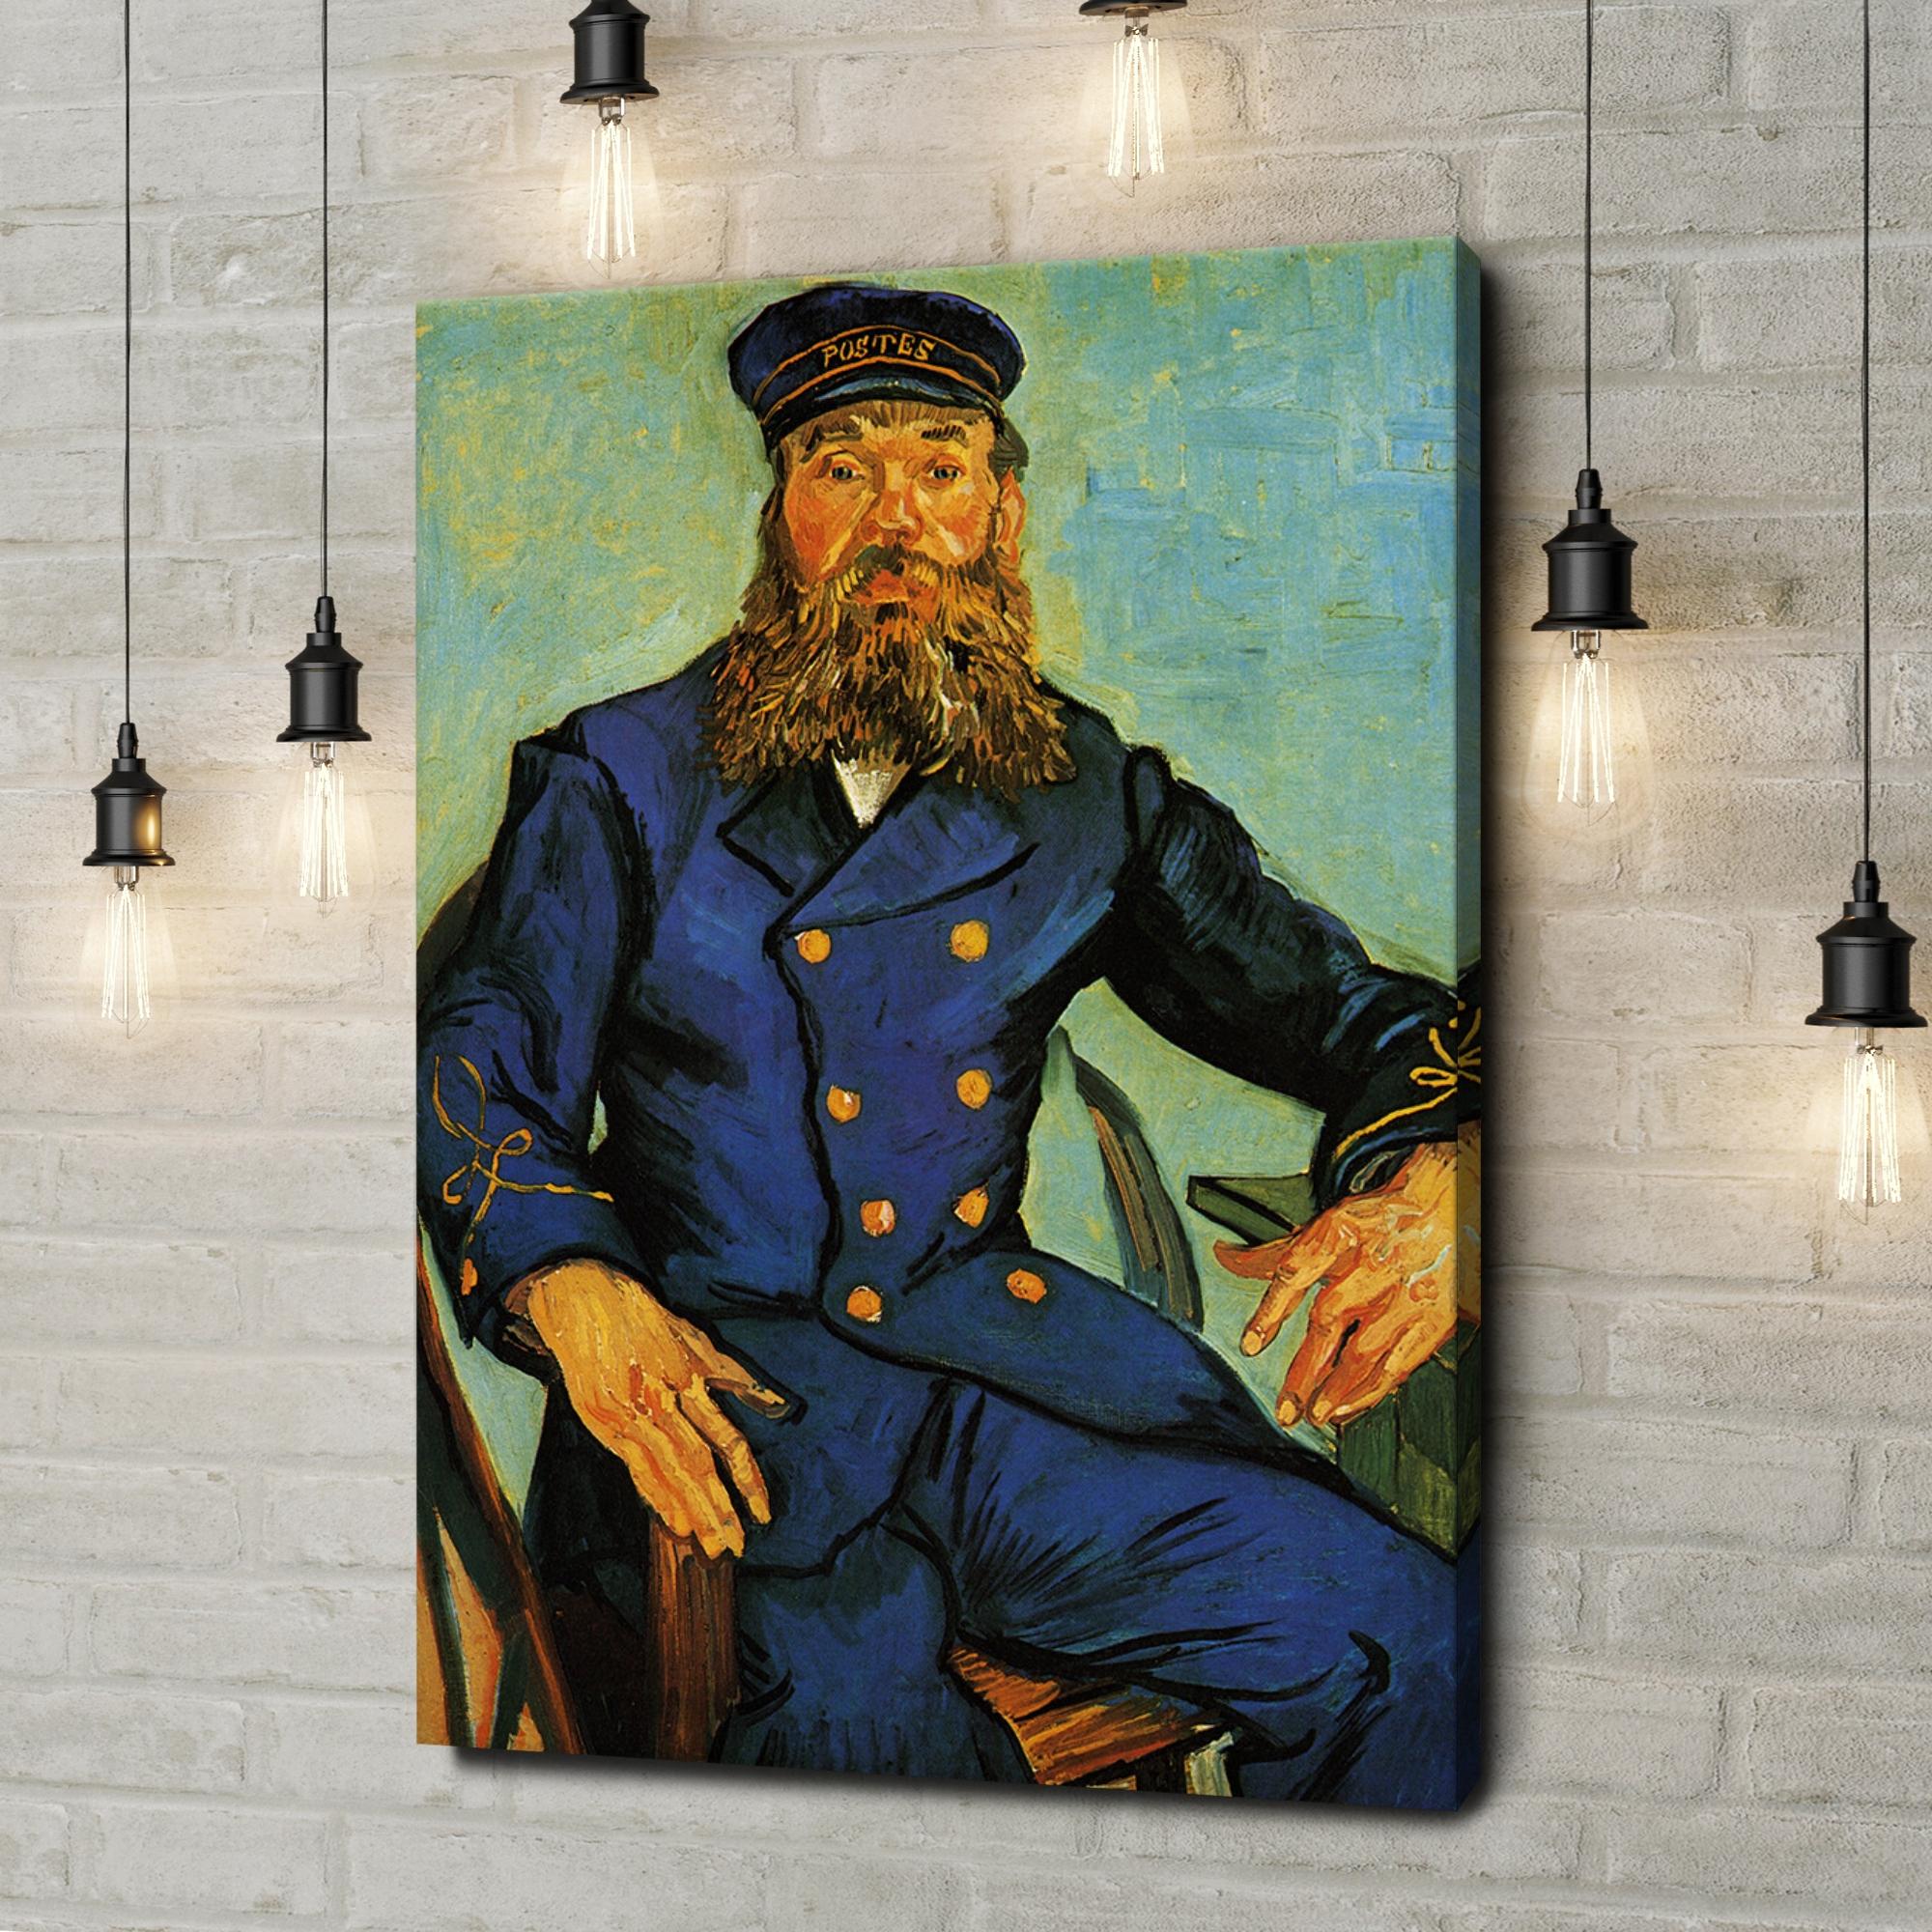 Leinwandbild personalisiert Portrait des Briefträgers